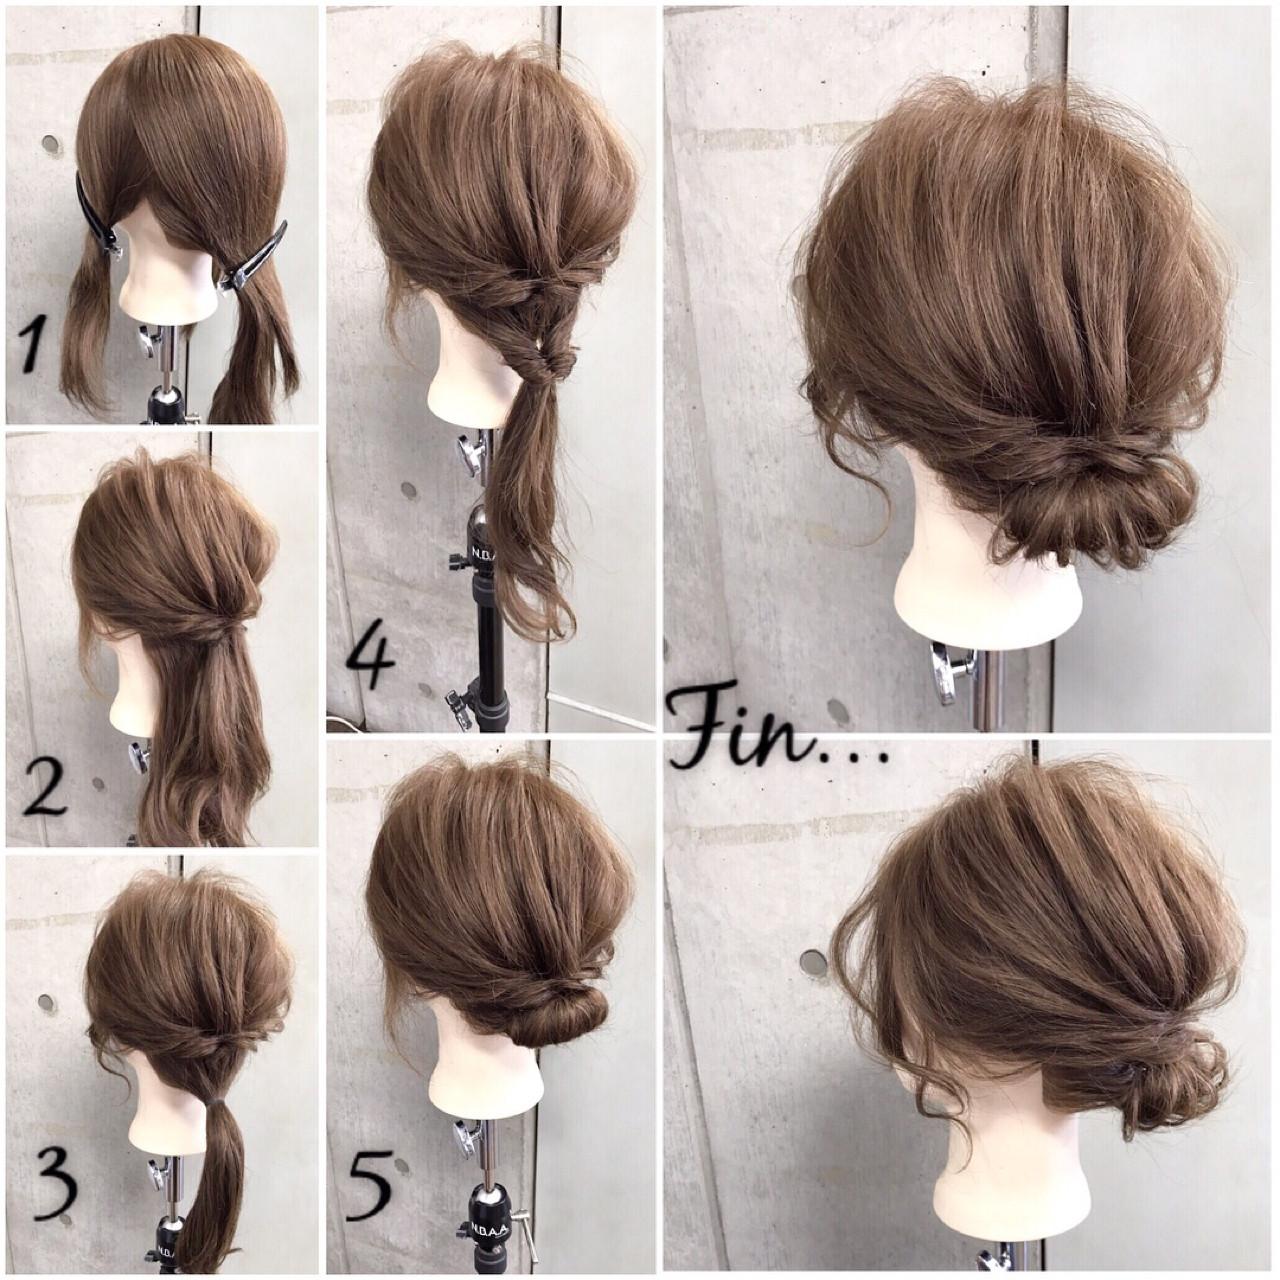 和装 簡単 セミロング ギブソンタック ヘアスタイルや髪型の写真・画像 | 東海林翔太 LinobyU-REALM / Lino by U-REALM